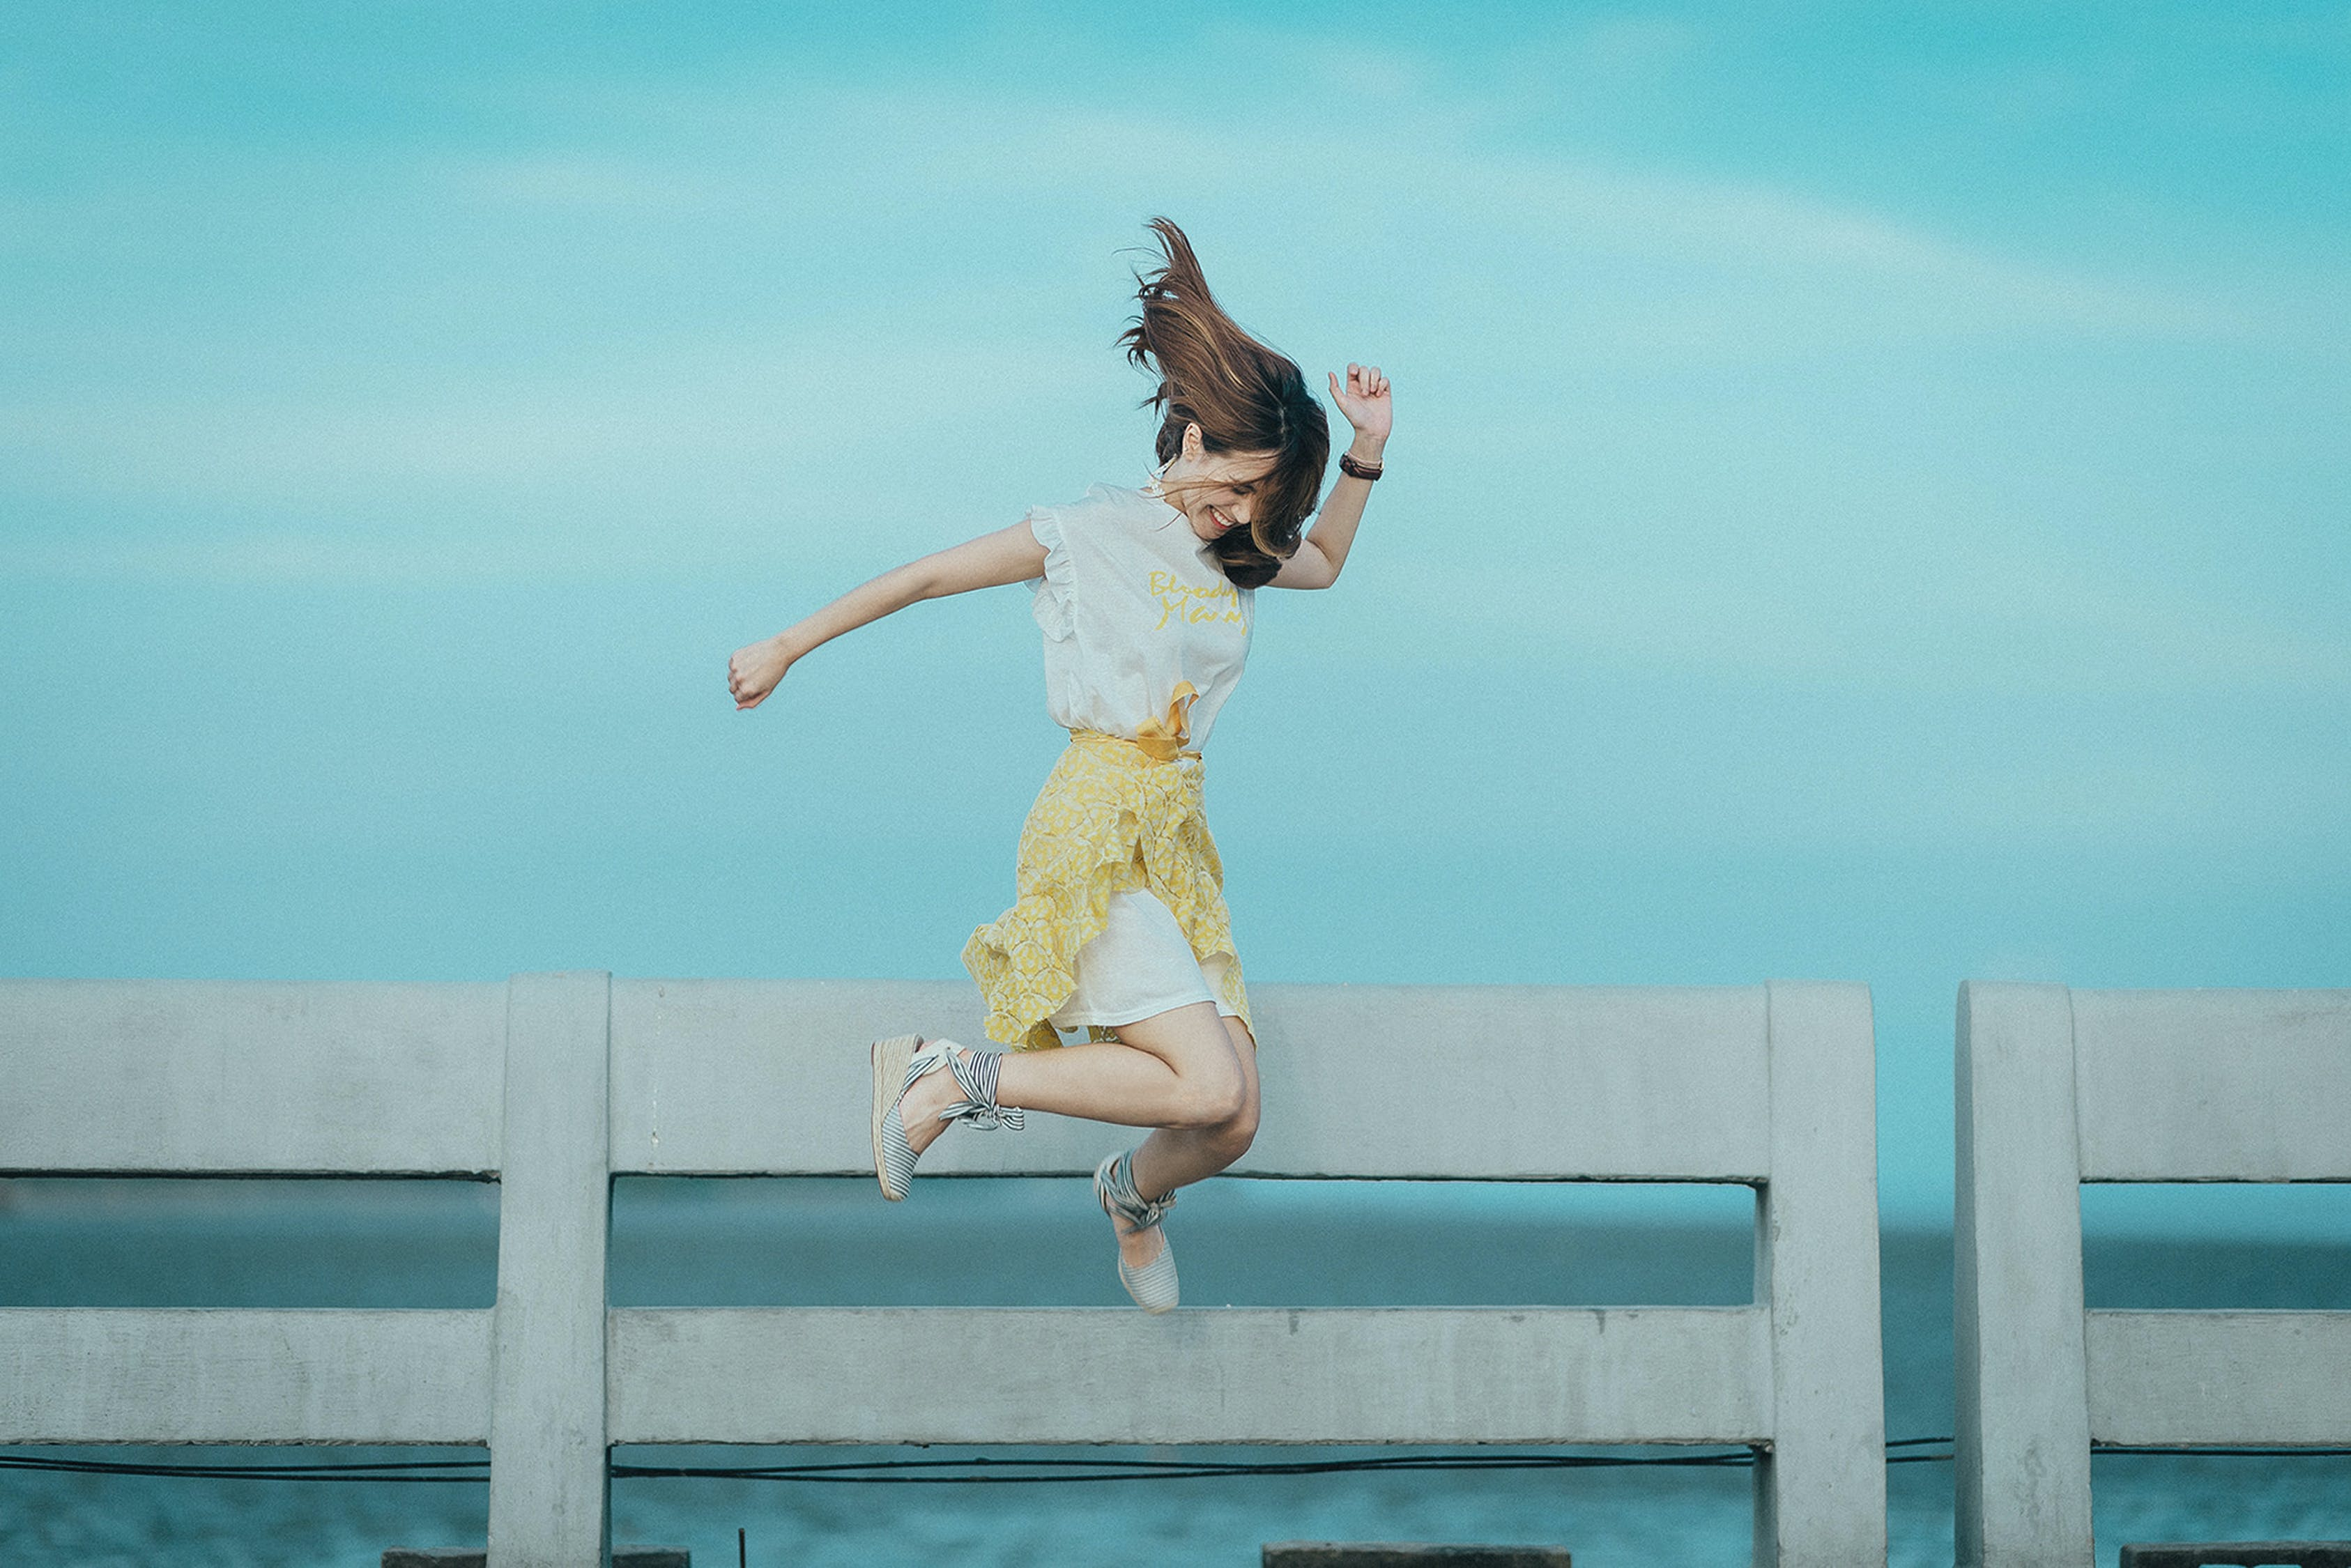 水域の近くの白と黄色のドレスを着た女性のジャンプショット写真